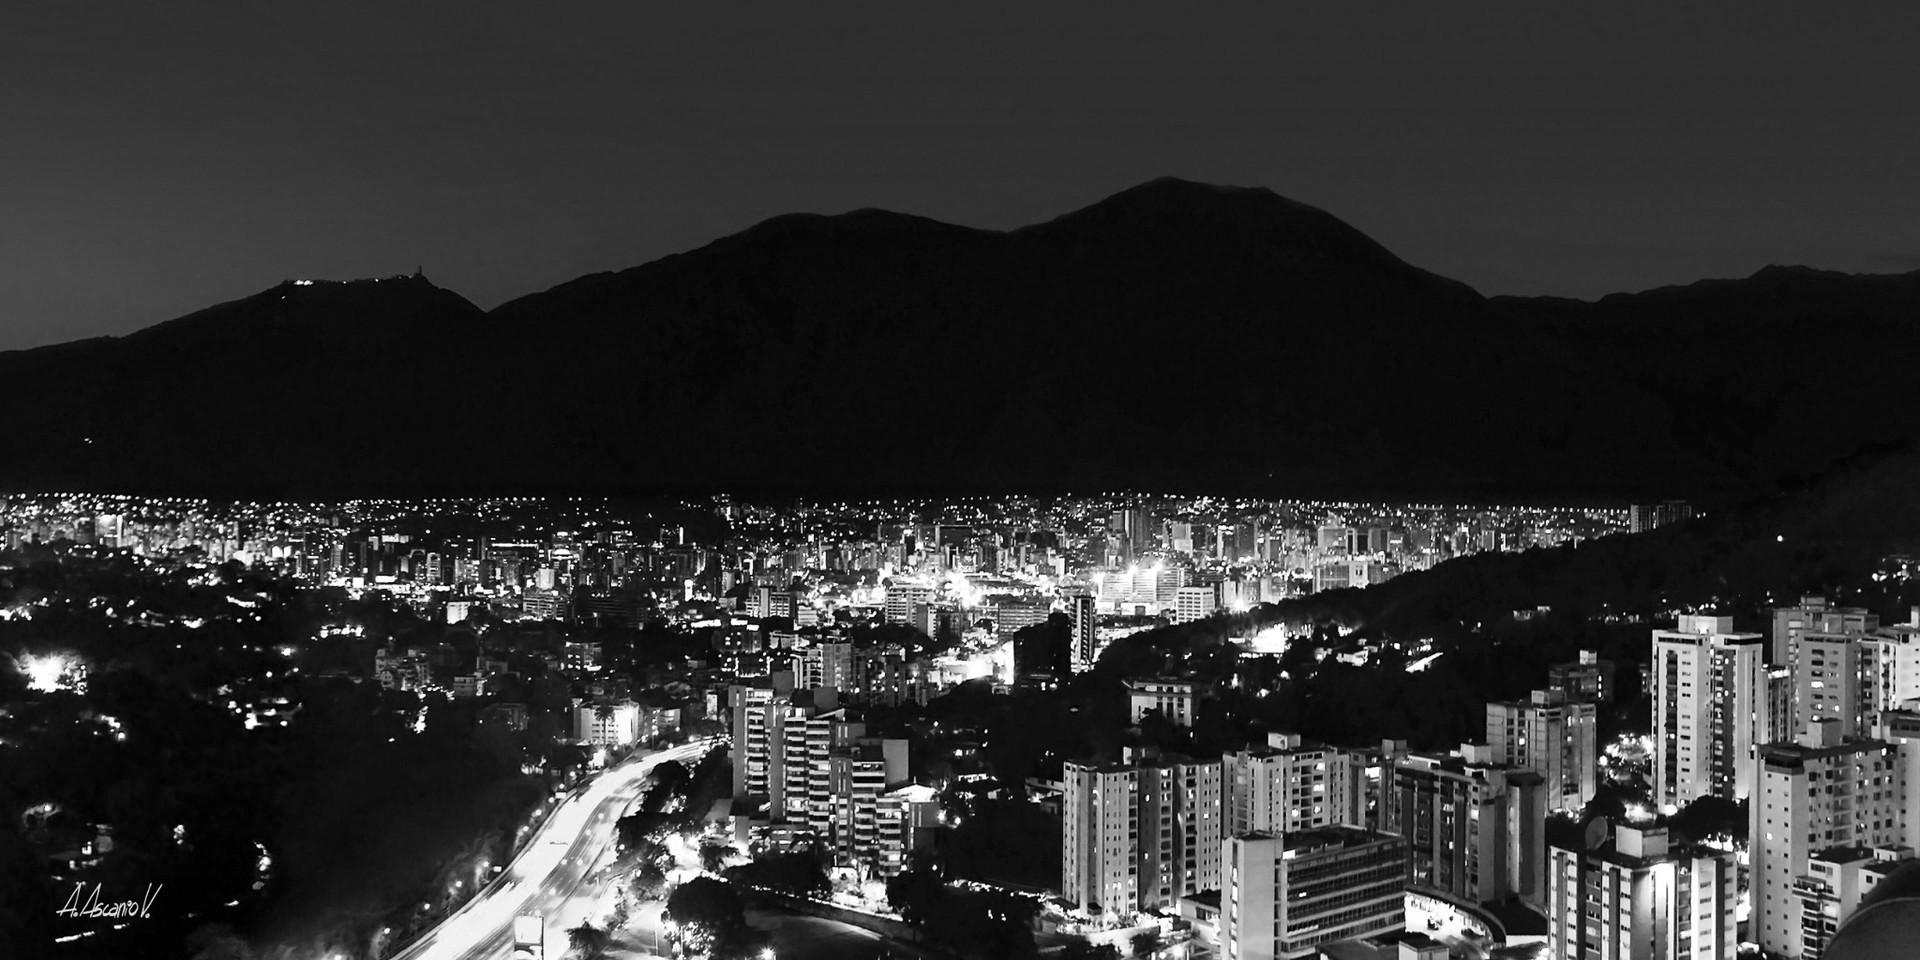 experiencia-caracas-venezuela-jose-e18c806d9ac33bd6a107123231b16bfc